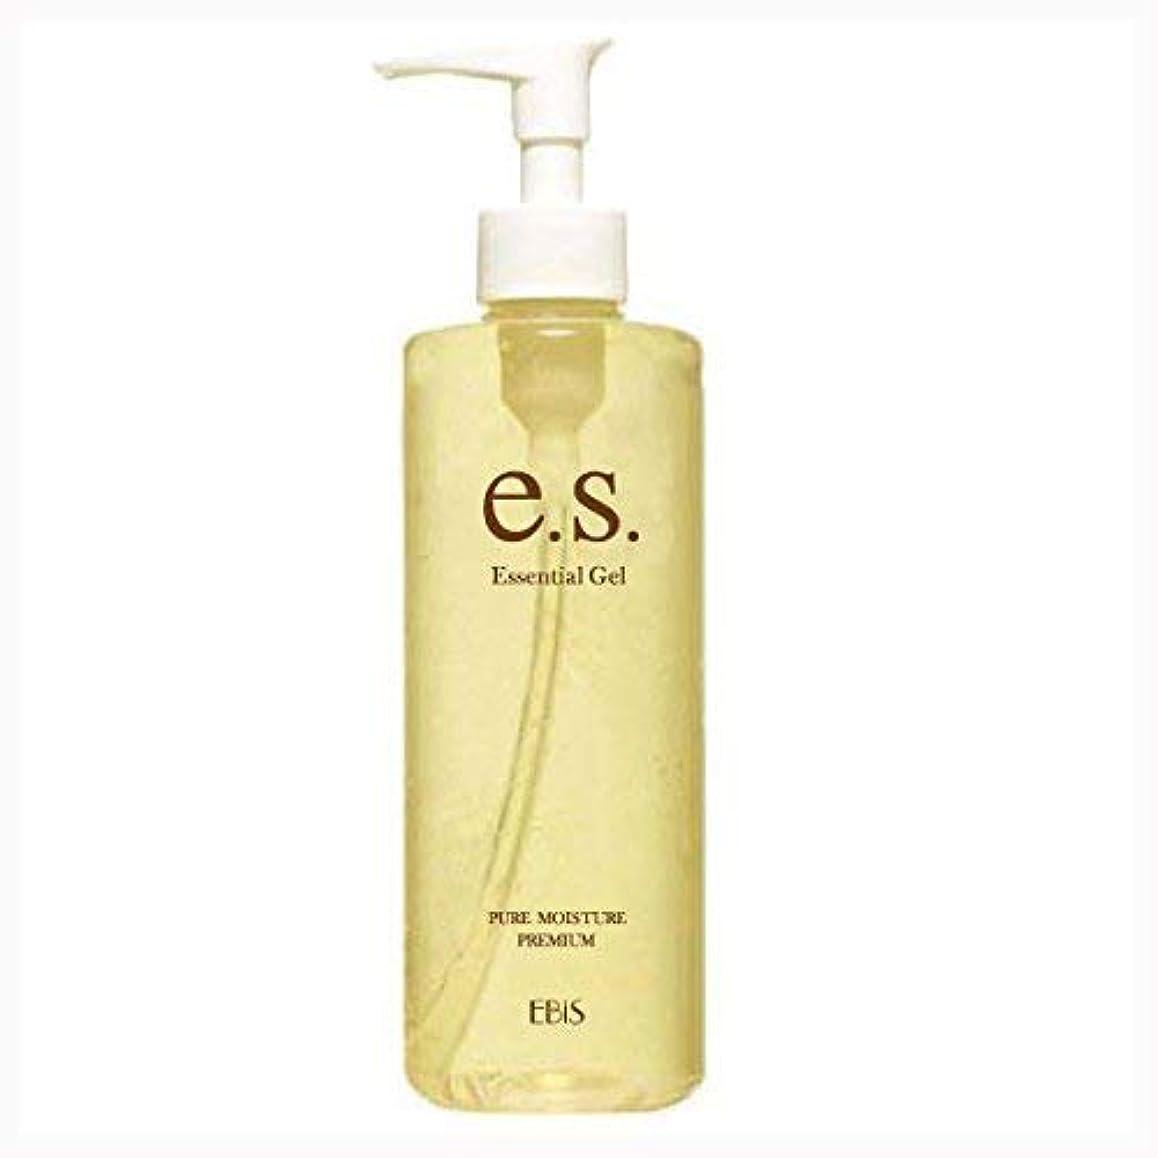 偏見放棄された脚本エビス化粧品(EBiS) イーエスエッセンシャルジェル (310g) 美顔器ジェル 無添加処方 アルコールフリー 日本製 男女兼用 保湿ジェル